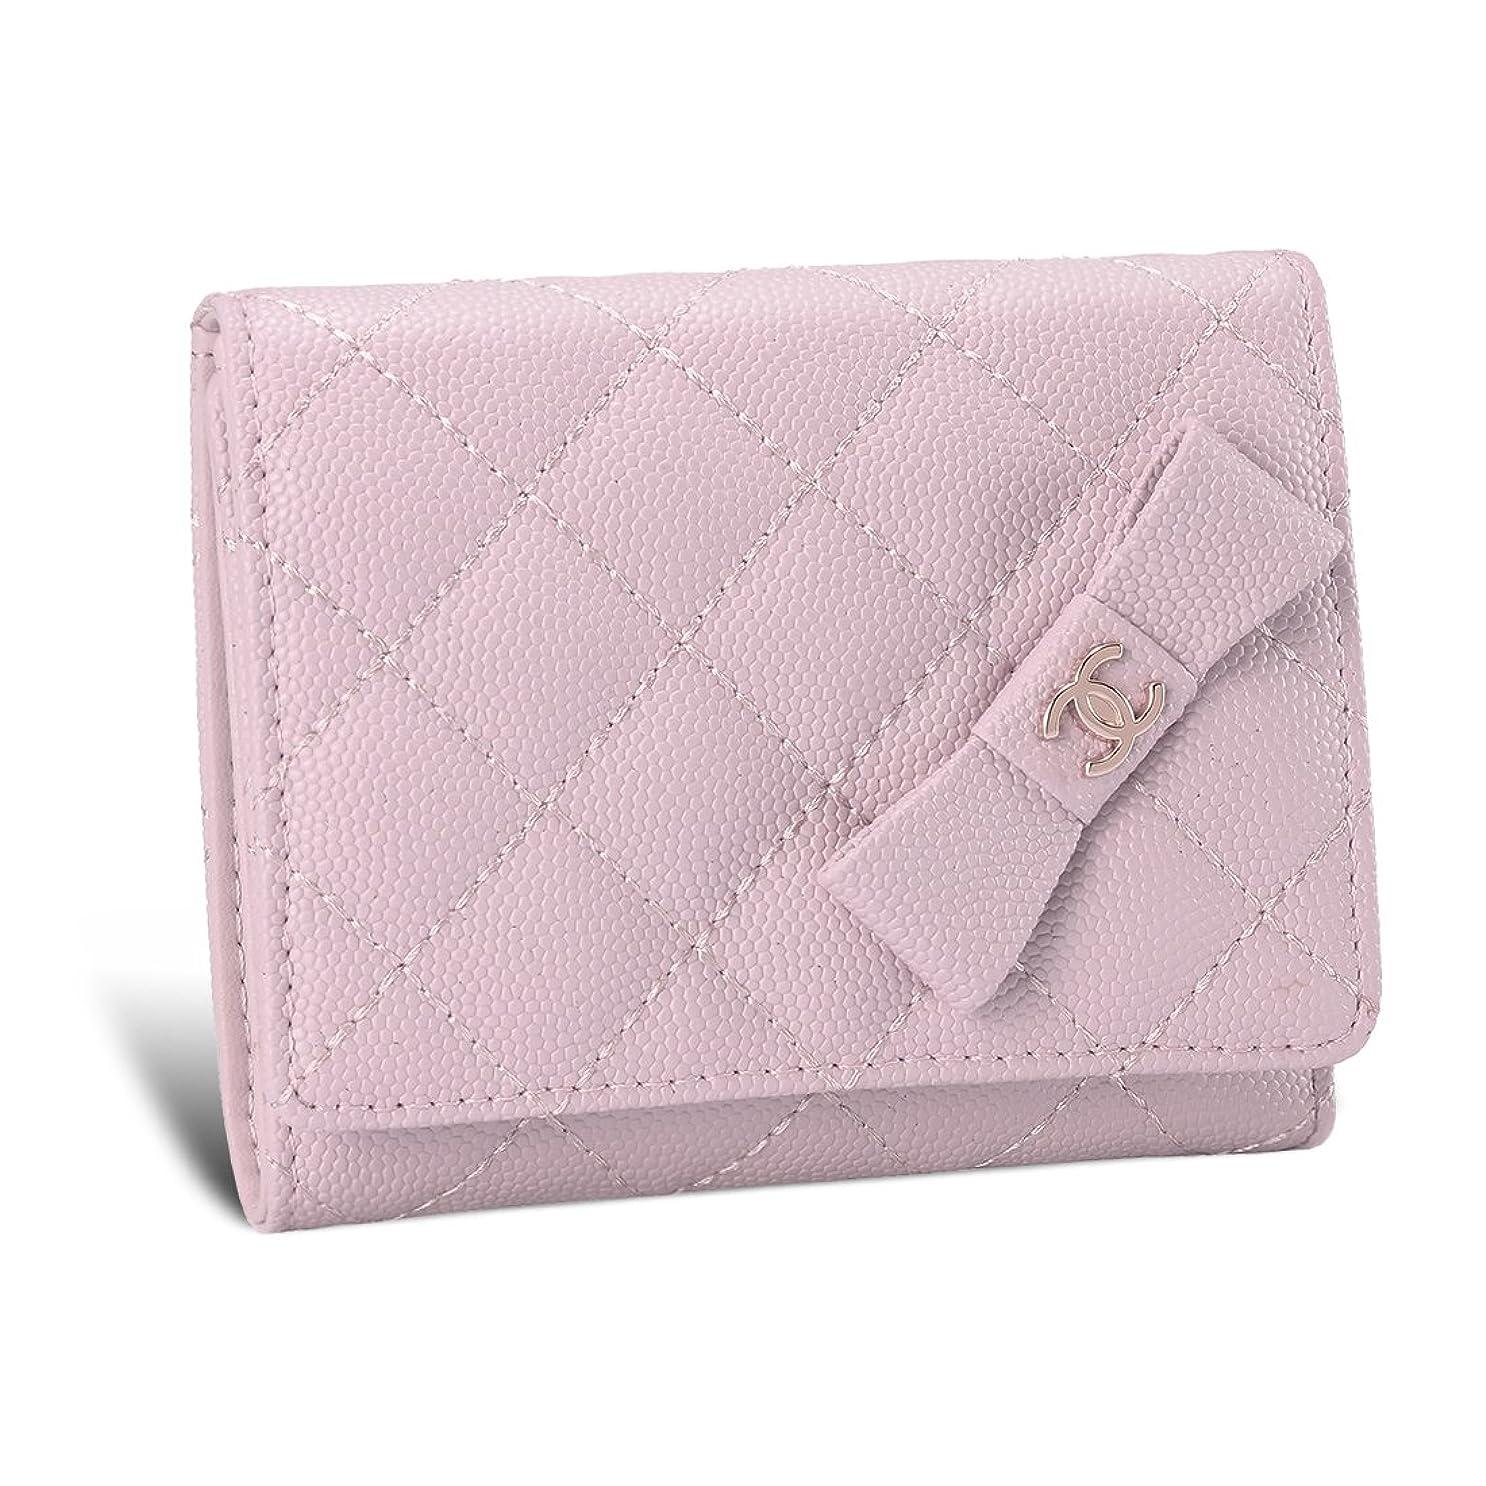 情熱的スタイルる財布 レディース 二つ折り ミニ財布 キャビアスキン レザー マトラッセ 大容量 カード収納 ボックス型小銭入れ 人気 軽量 女性用 かわいい